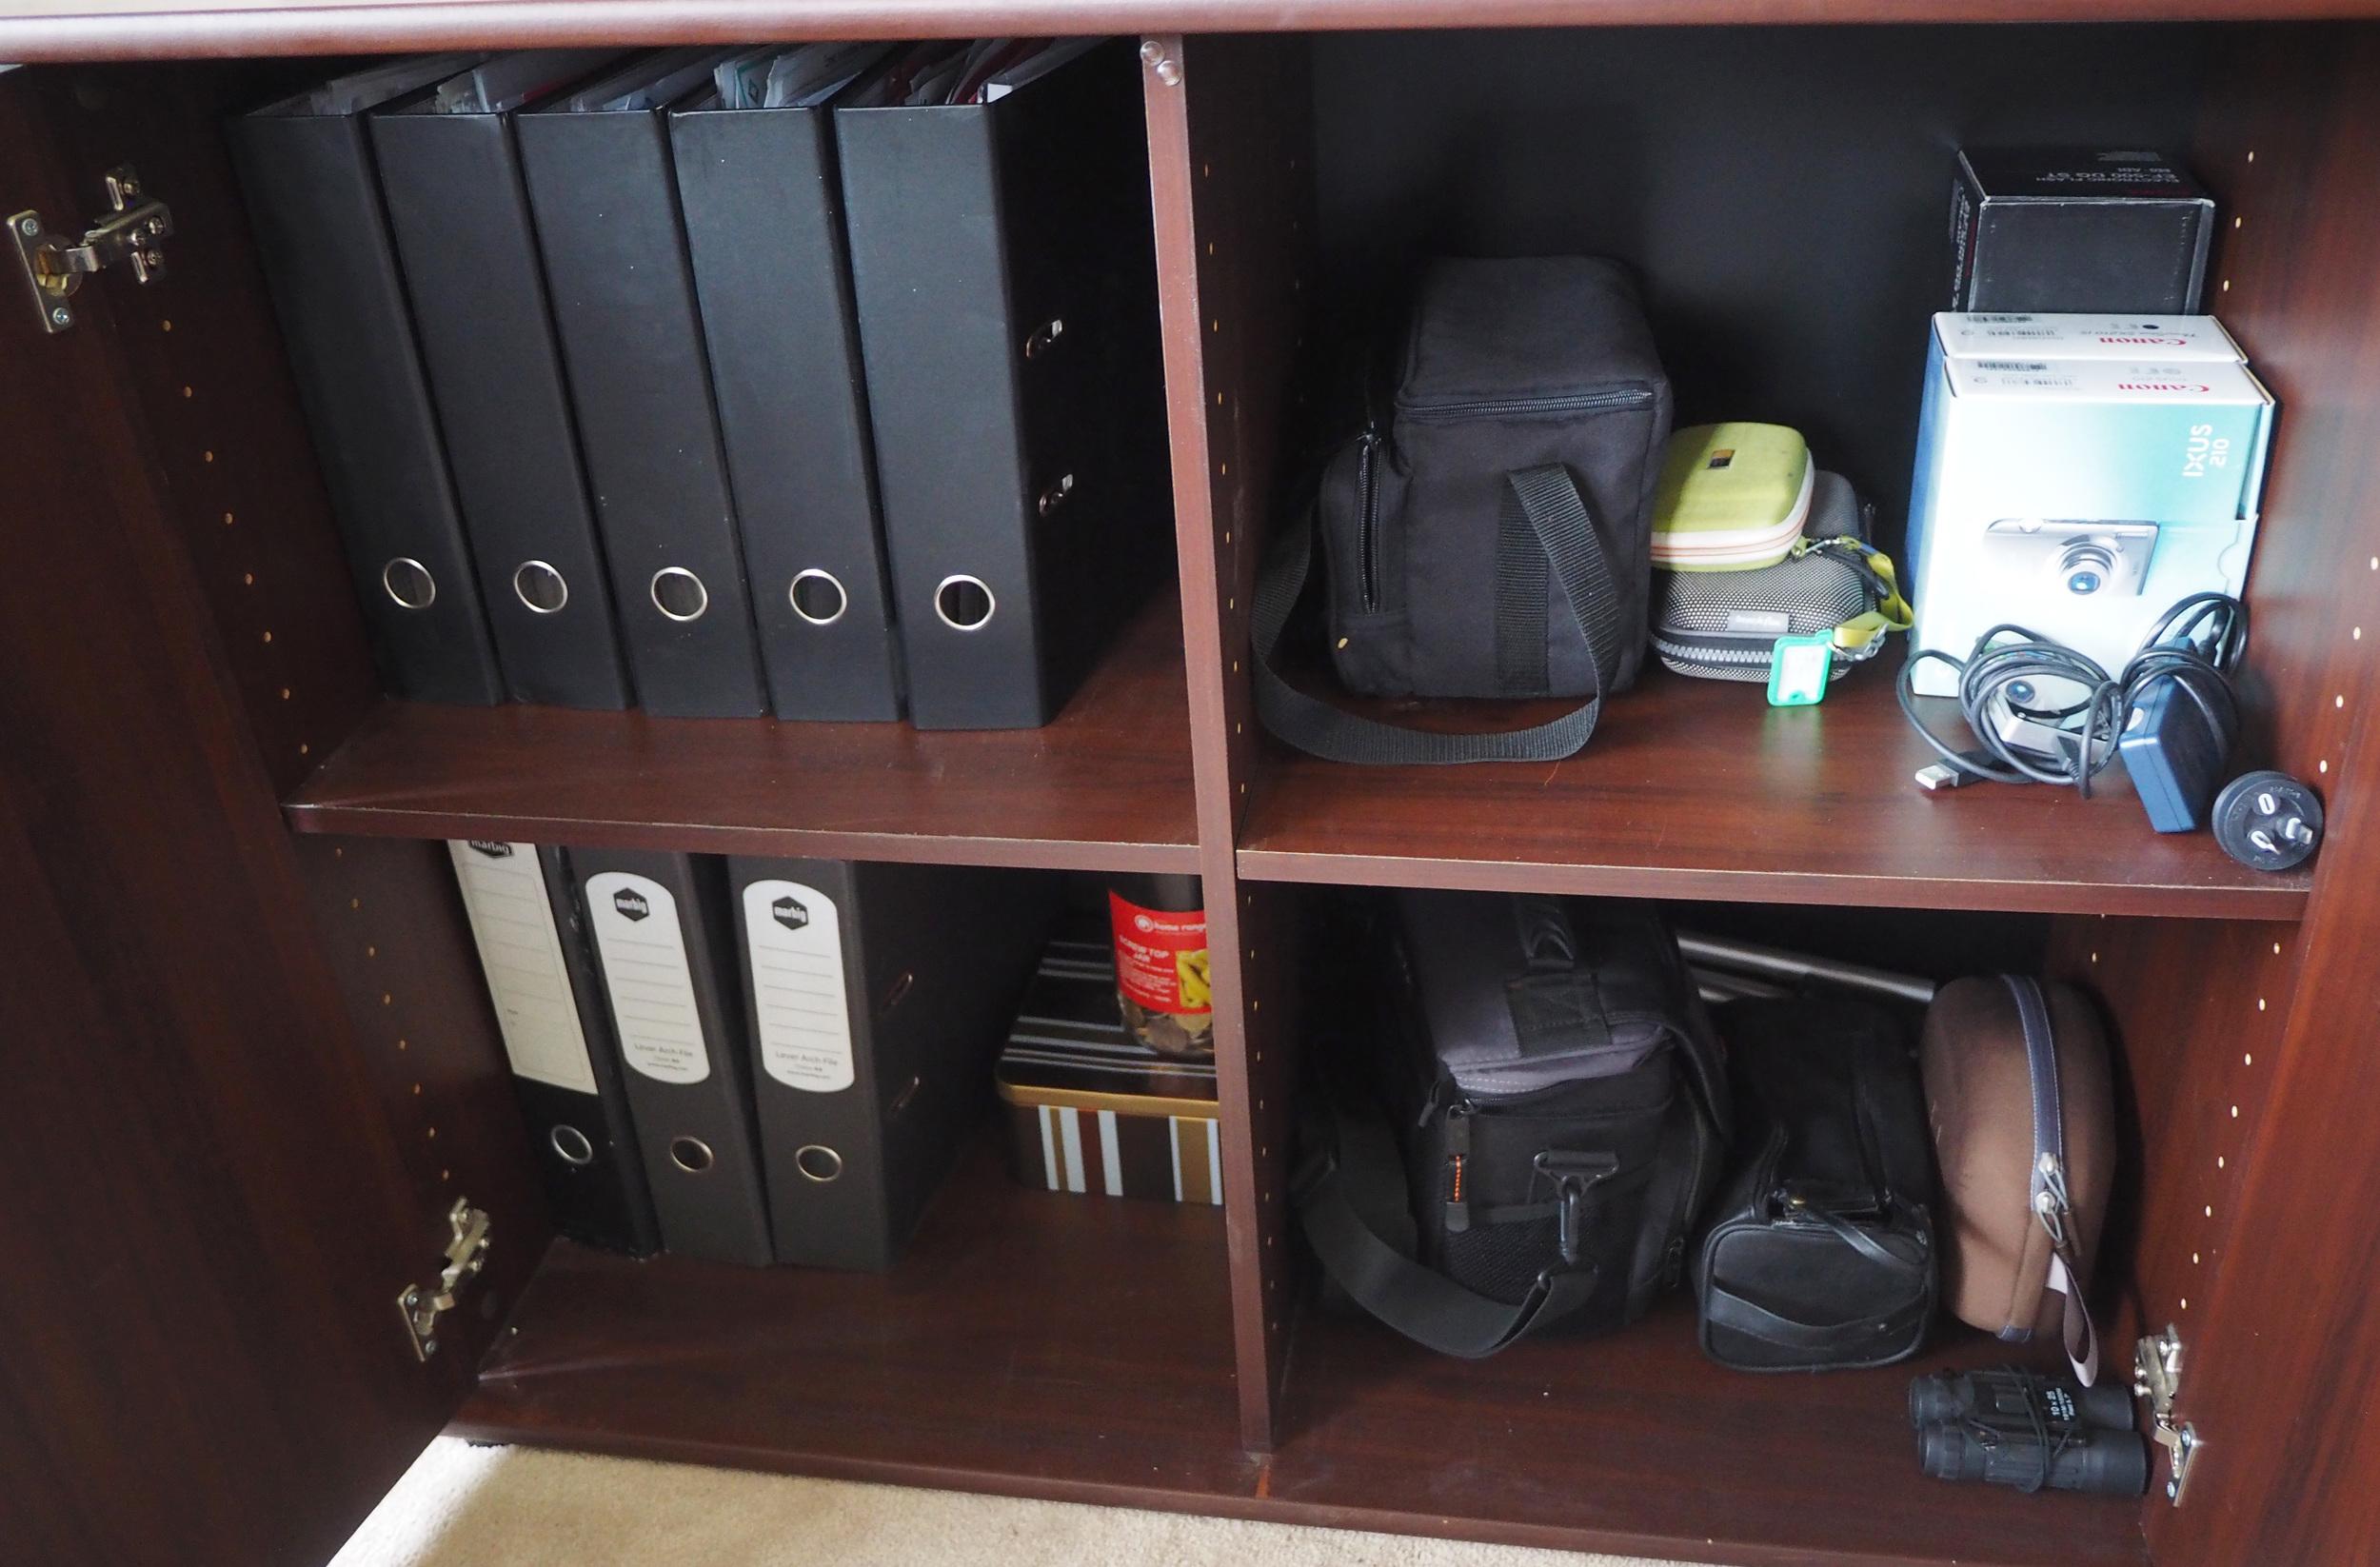 Camera equipment storage neat and organised